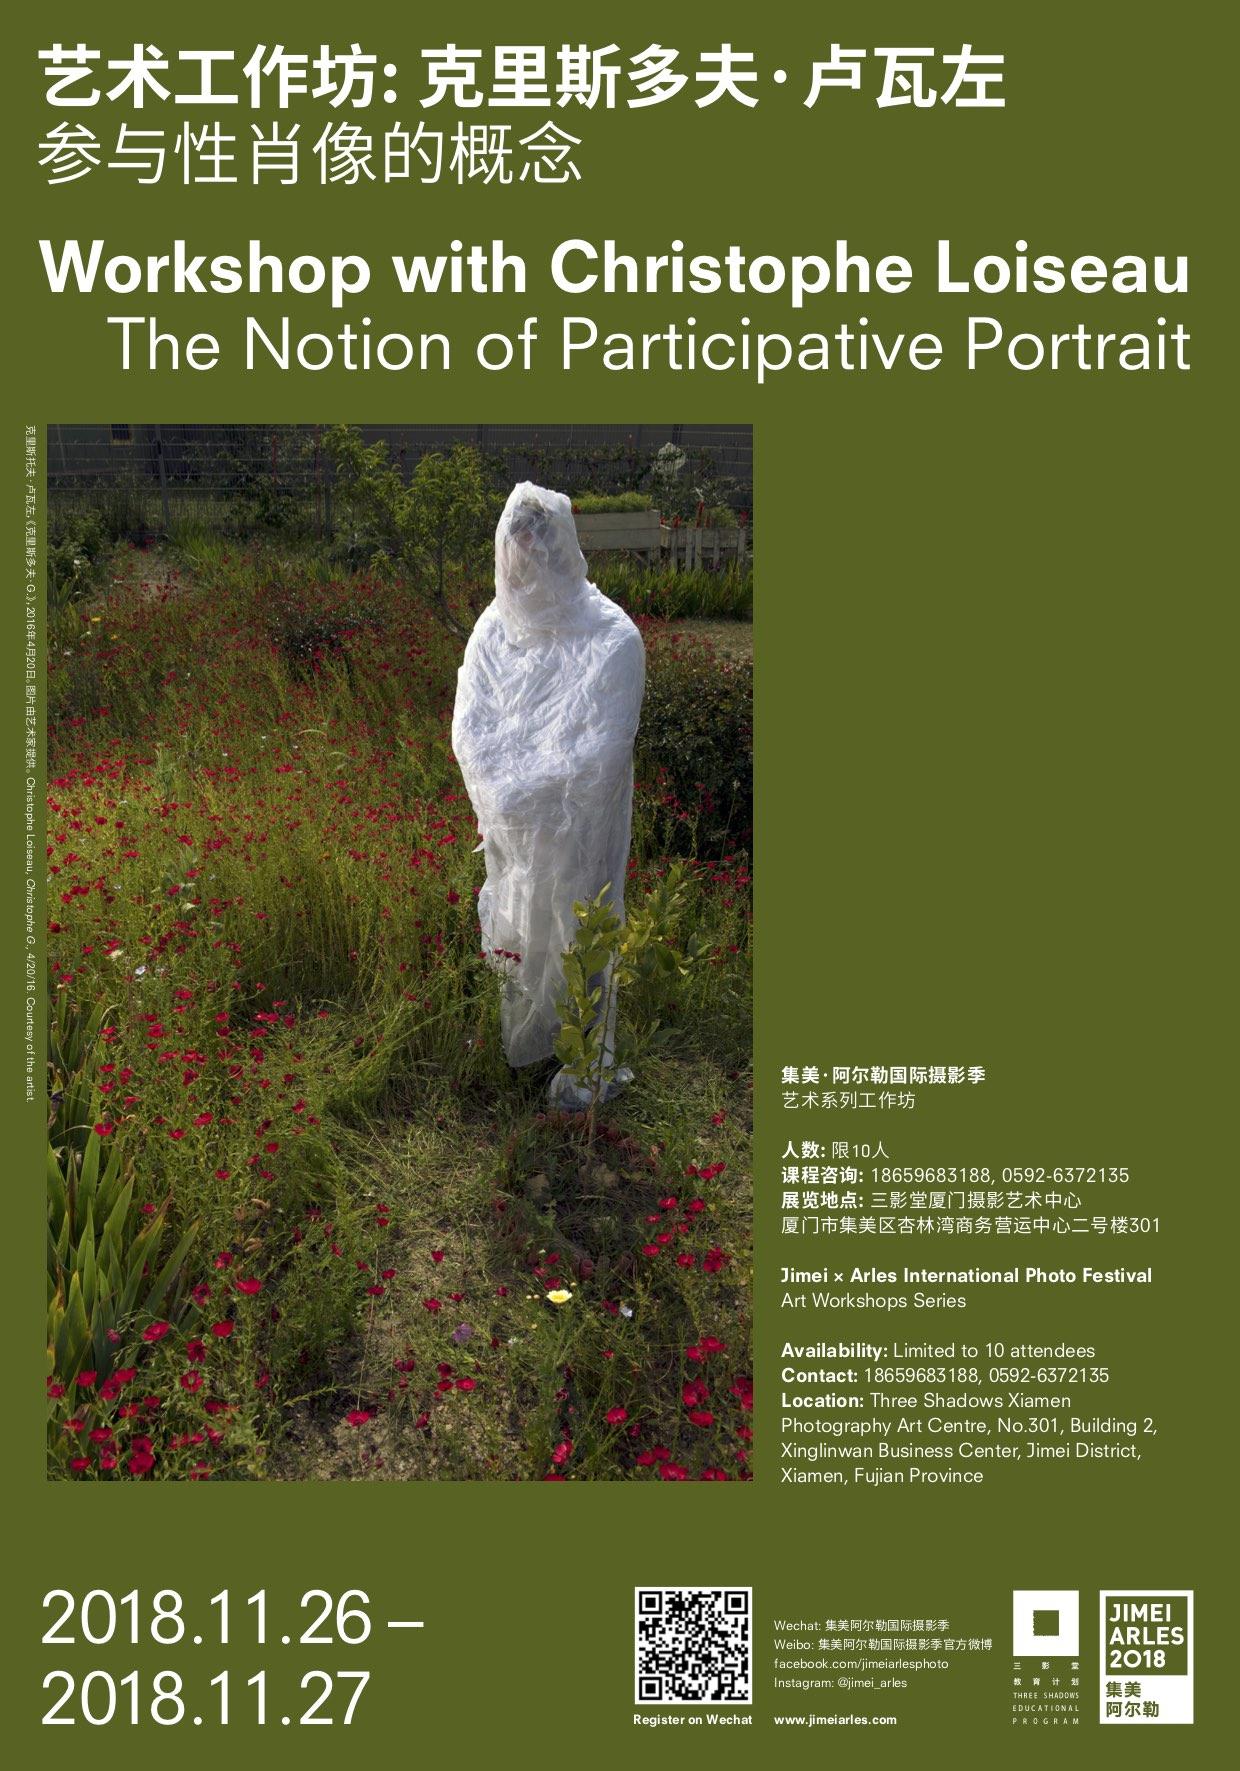 克里斯多夫·卢瓦左工作坊:参与性肖像的概念 | 集美·阿尔勒国际摄影季